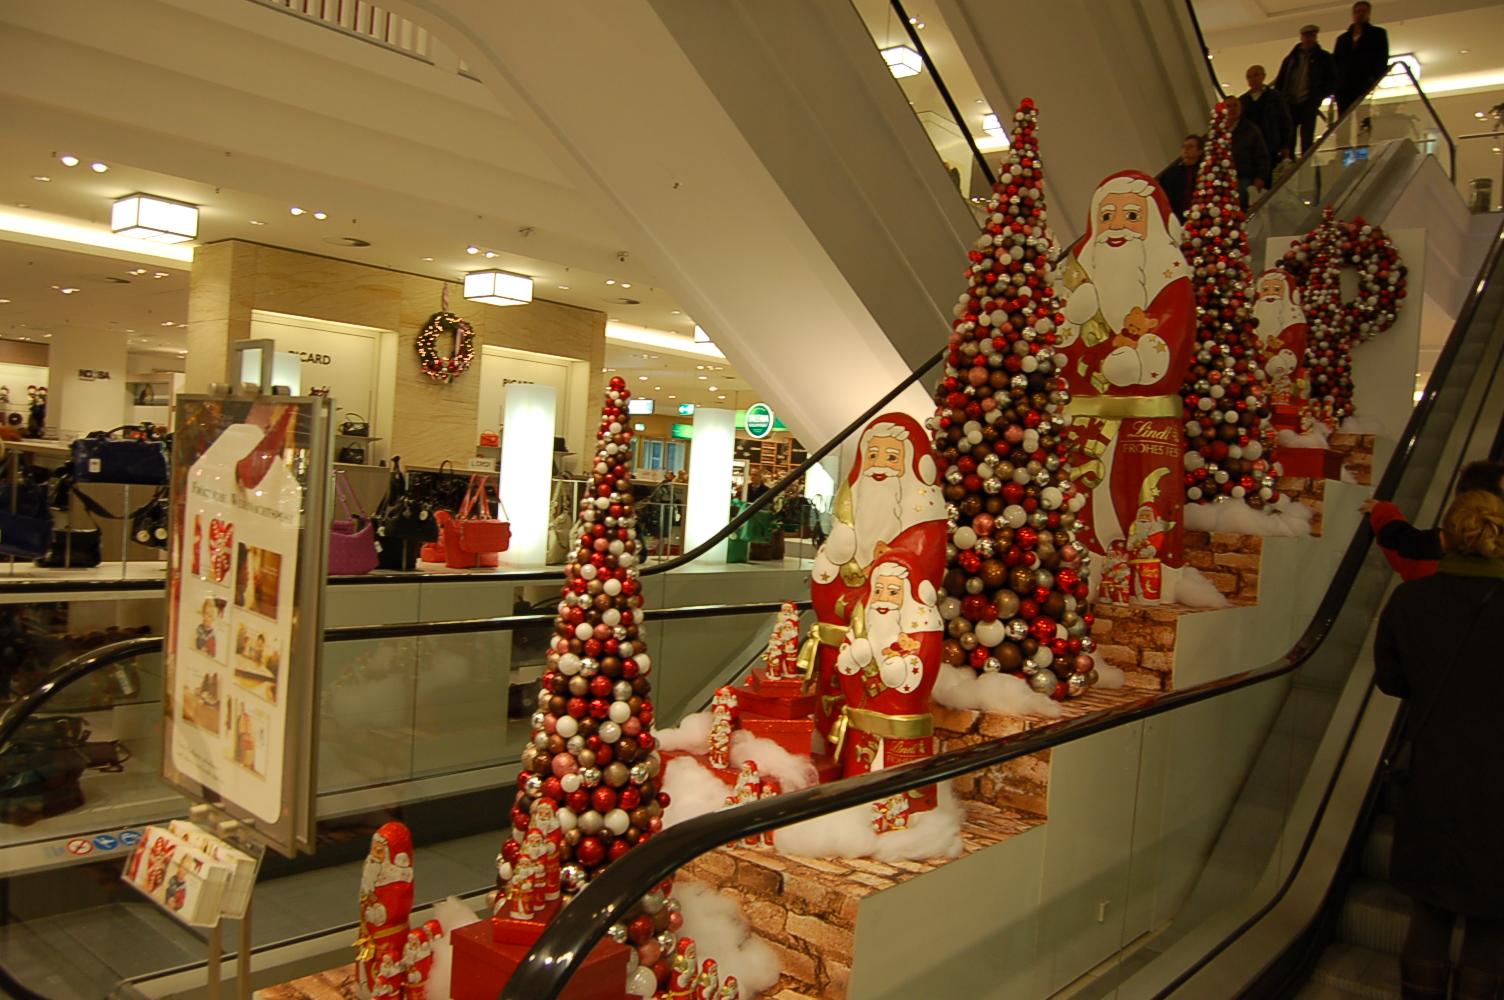 Einkauf & Shopping - Shop Verzeichnis - Online Shops ! - Foto ...